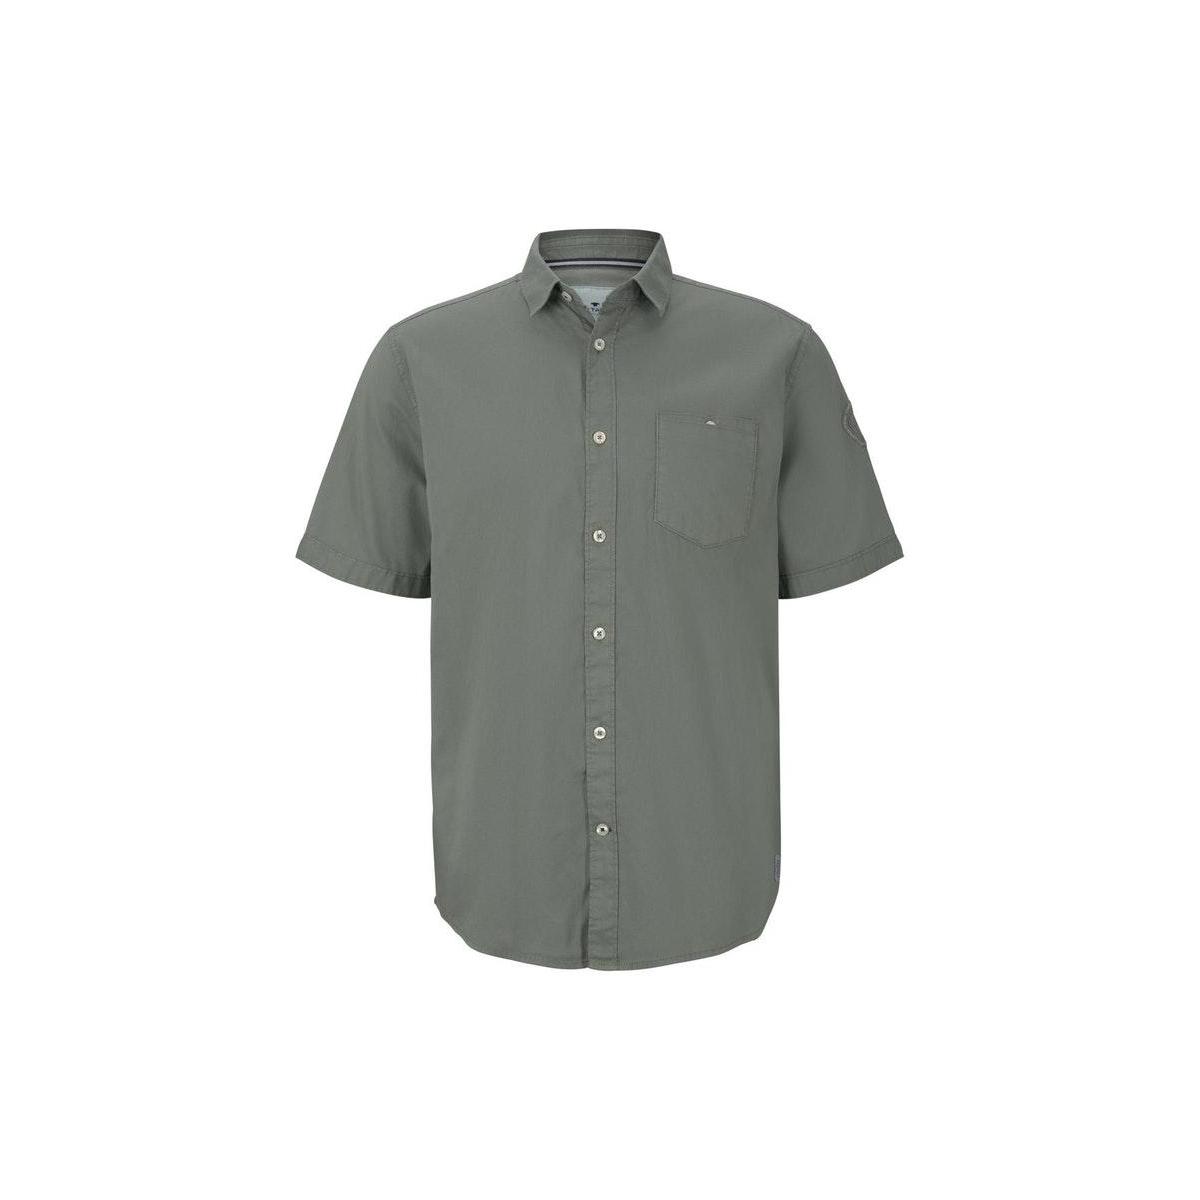 fijn shirt met korte mouwen 1019632xx10 tom tailor overhemd 13182